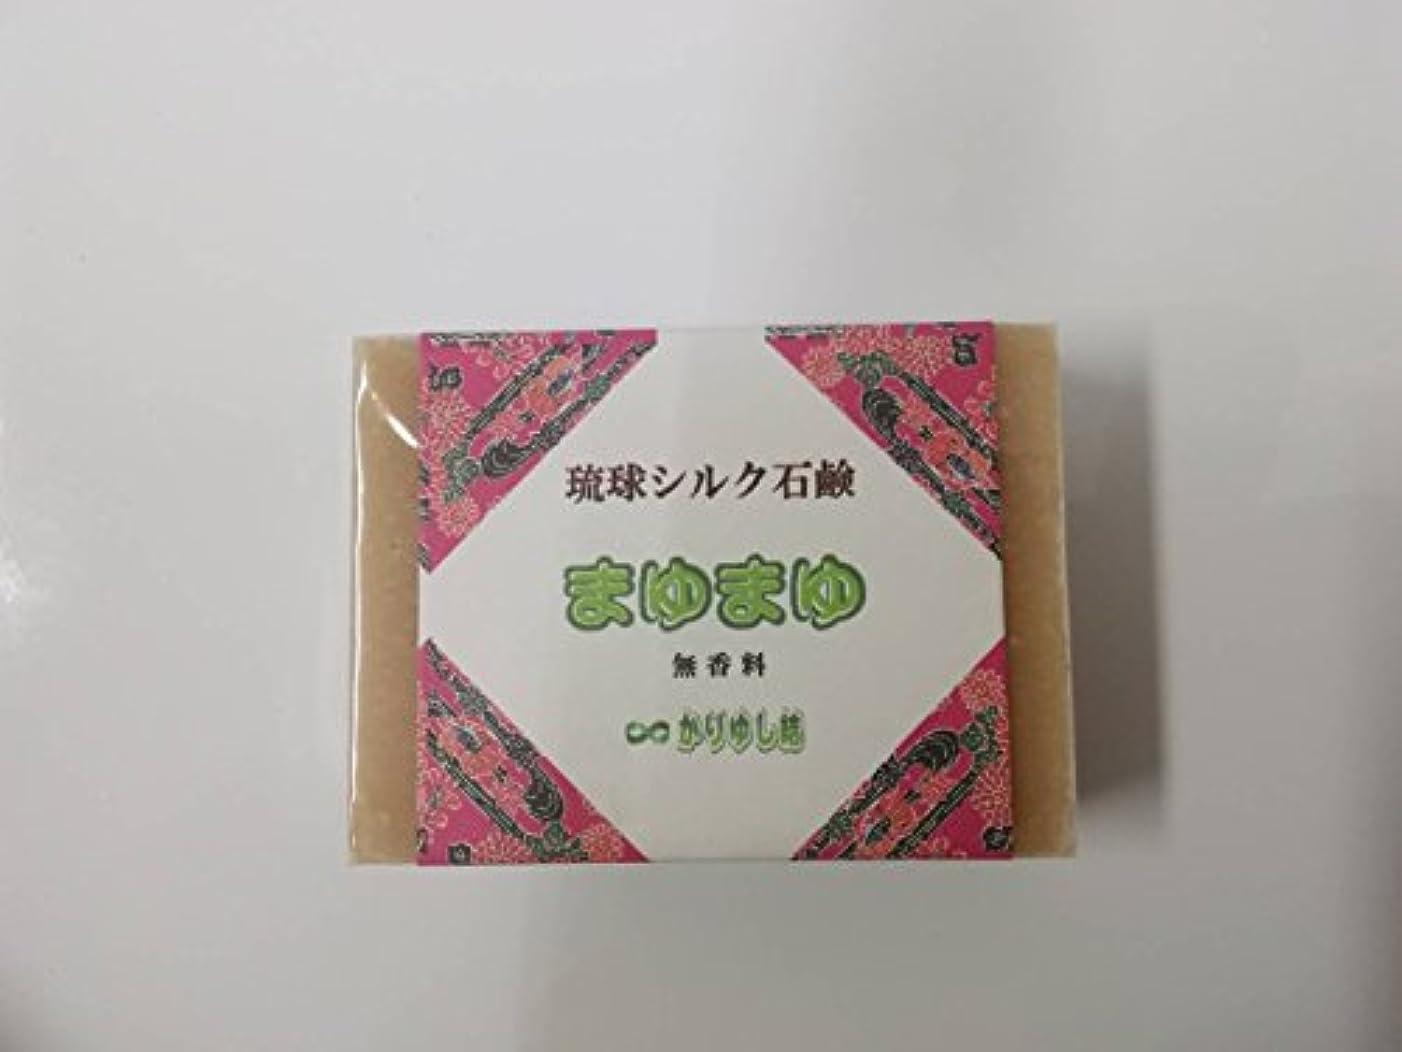 お気に入り参加するミル琉球シルク石鹸 まゆまゆ ピンクカオリン 無香料